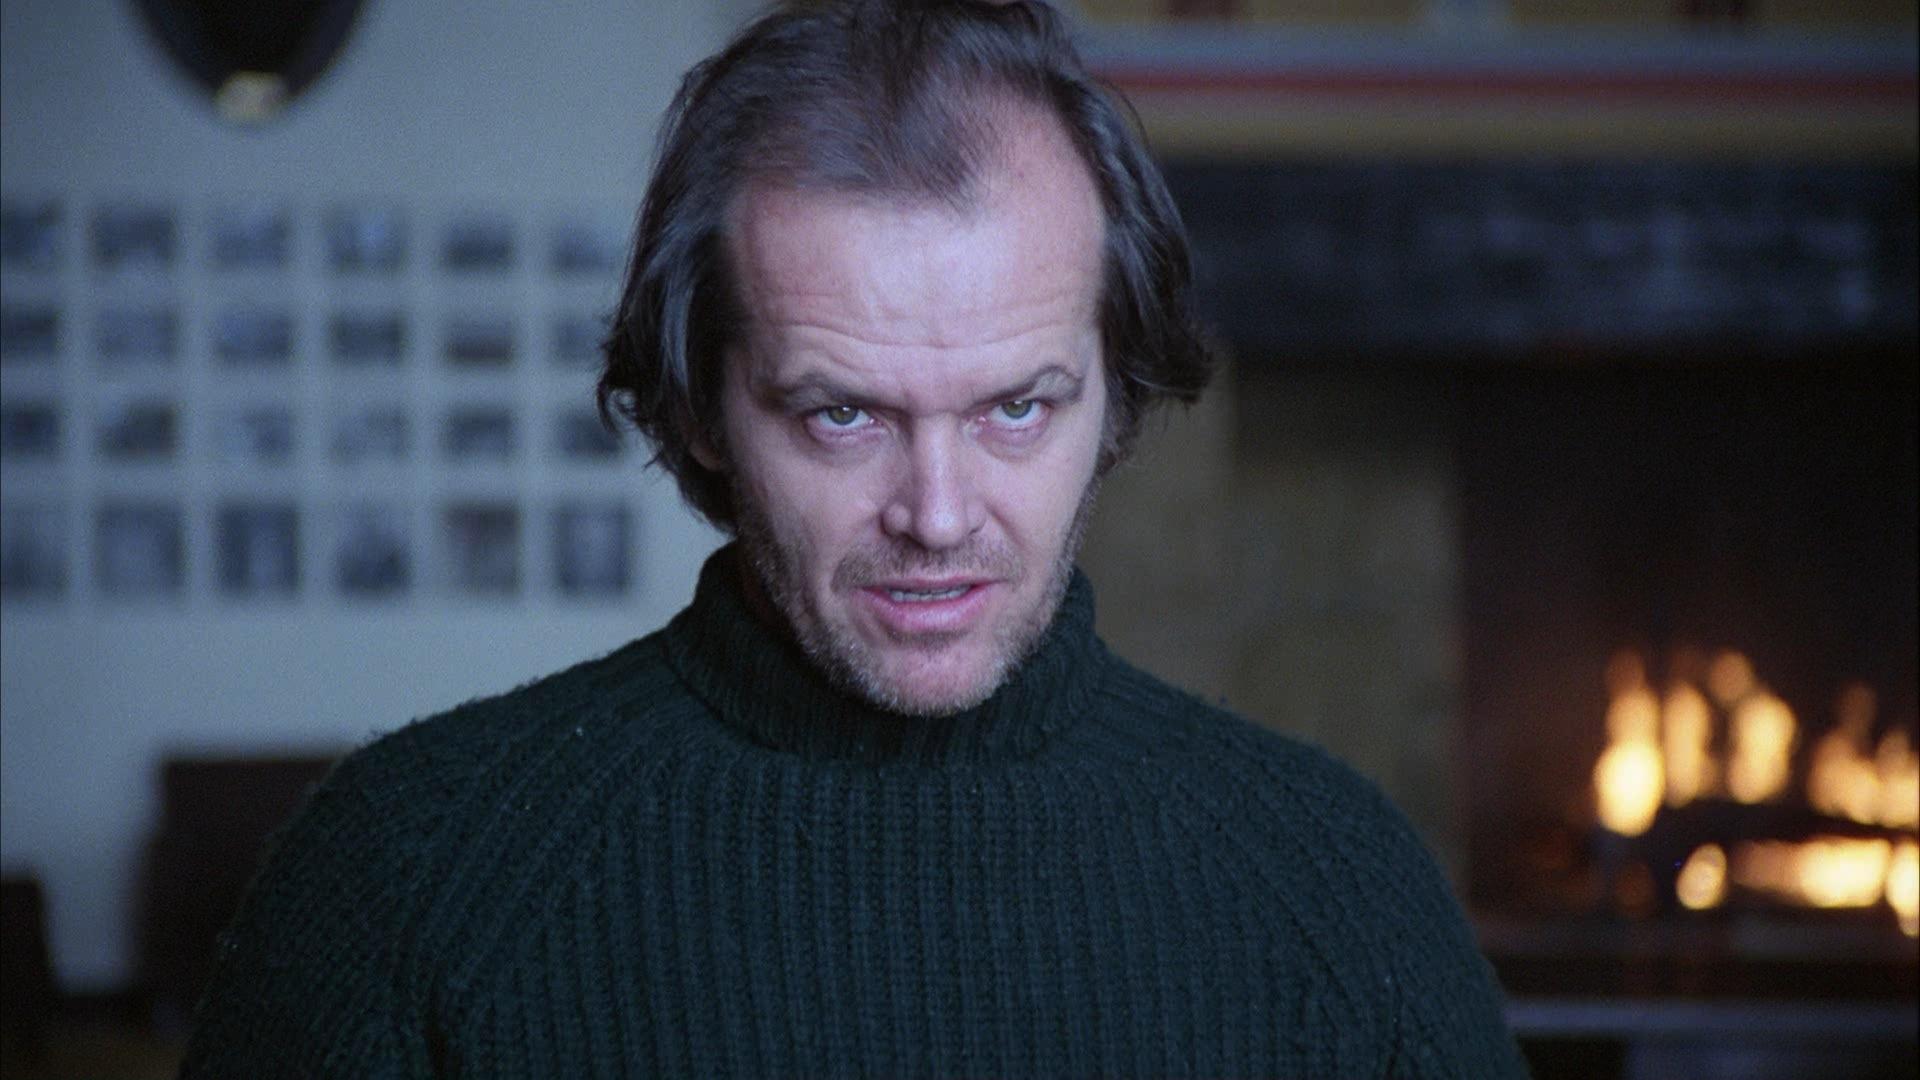 Jack Nicholson Quotes To Start Your Week - Thrillist